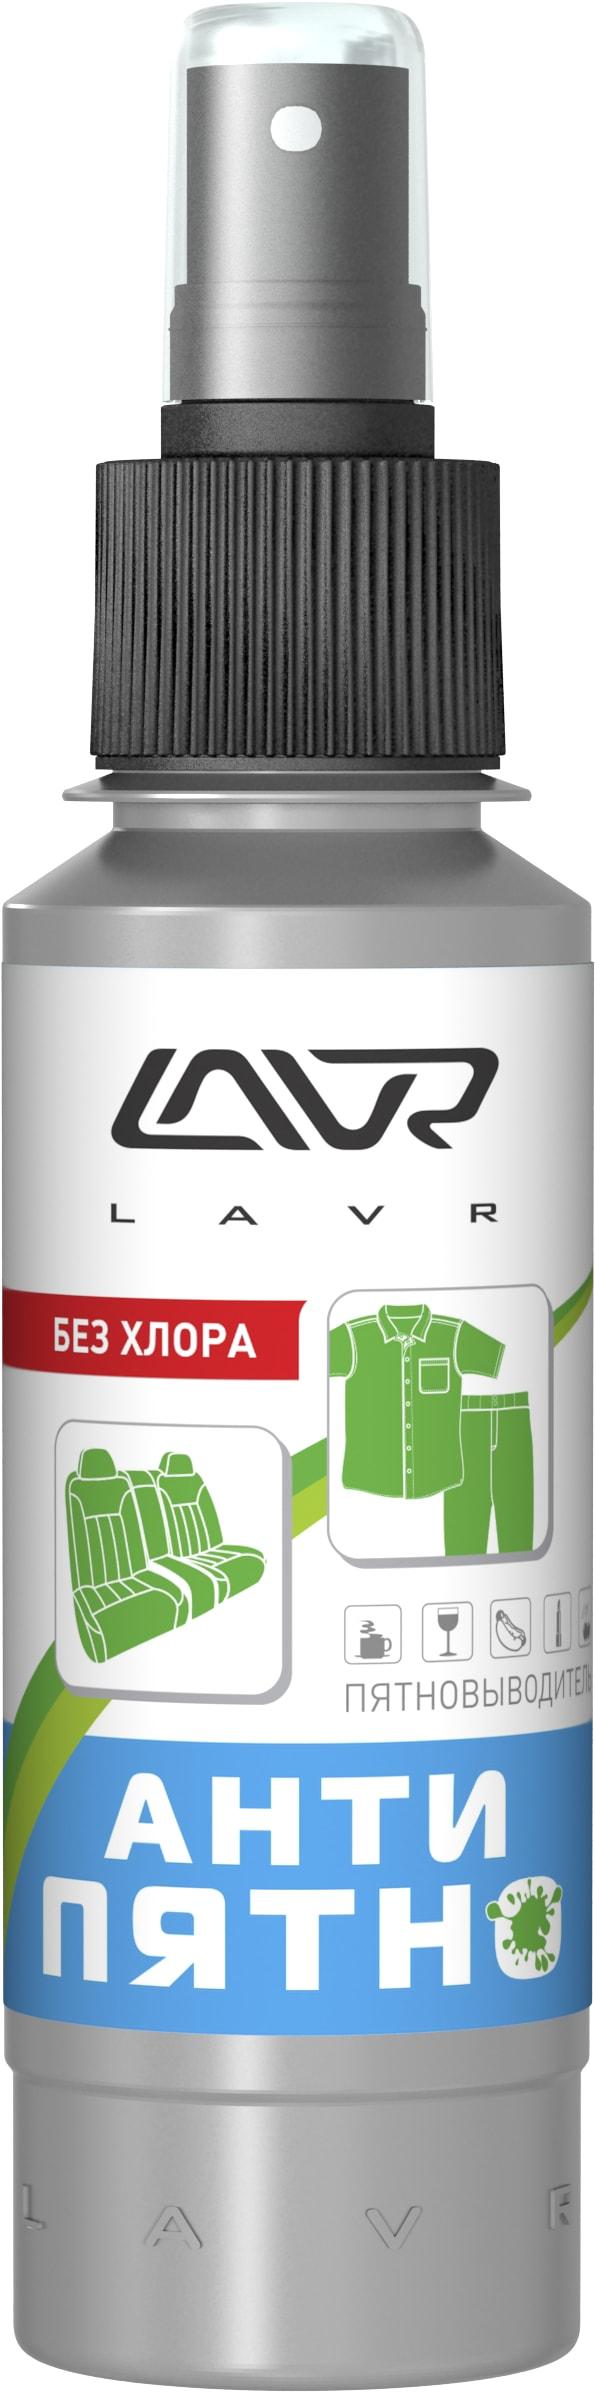 LAVR - Пятновыводитель